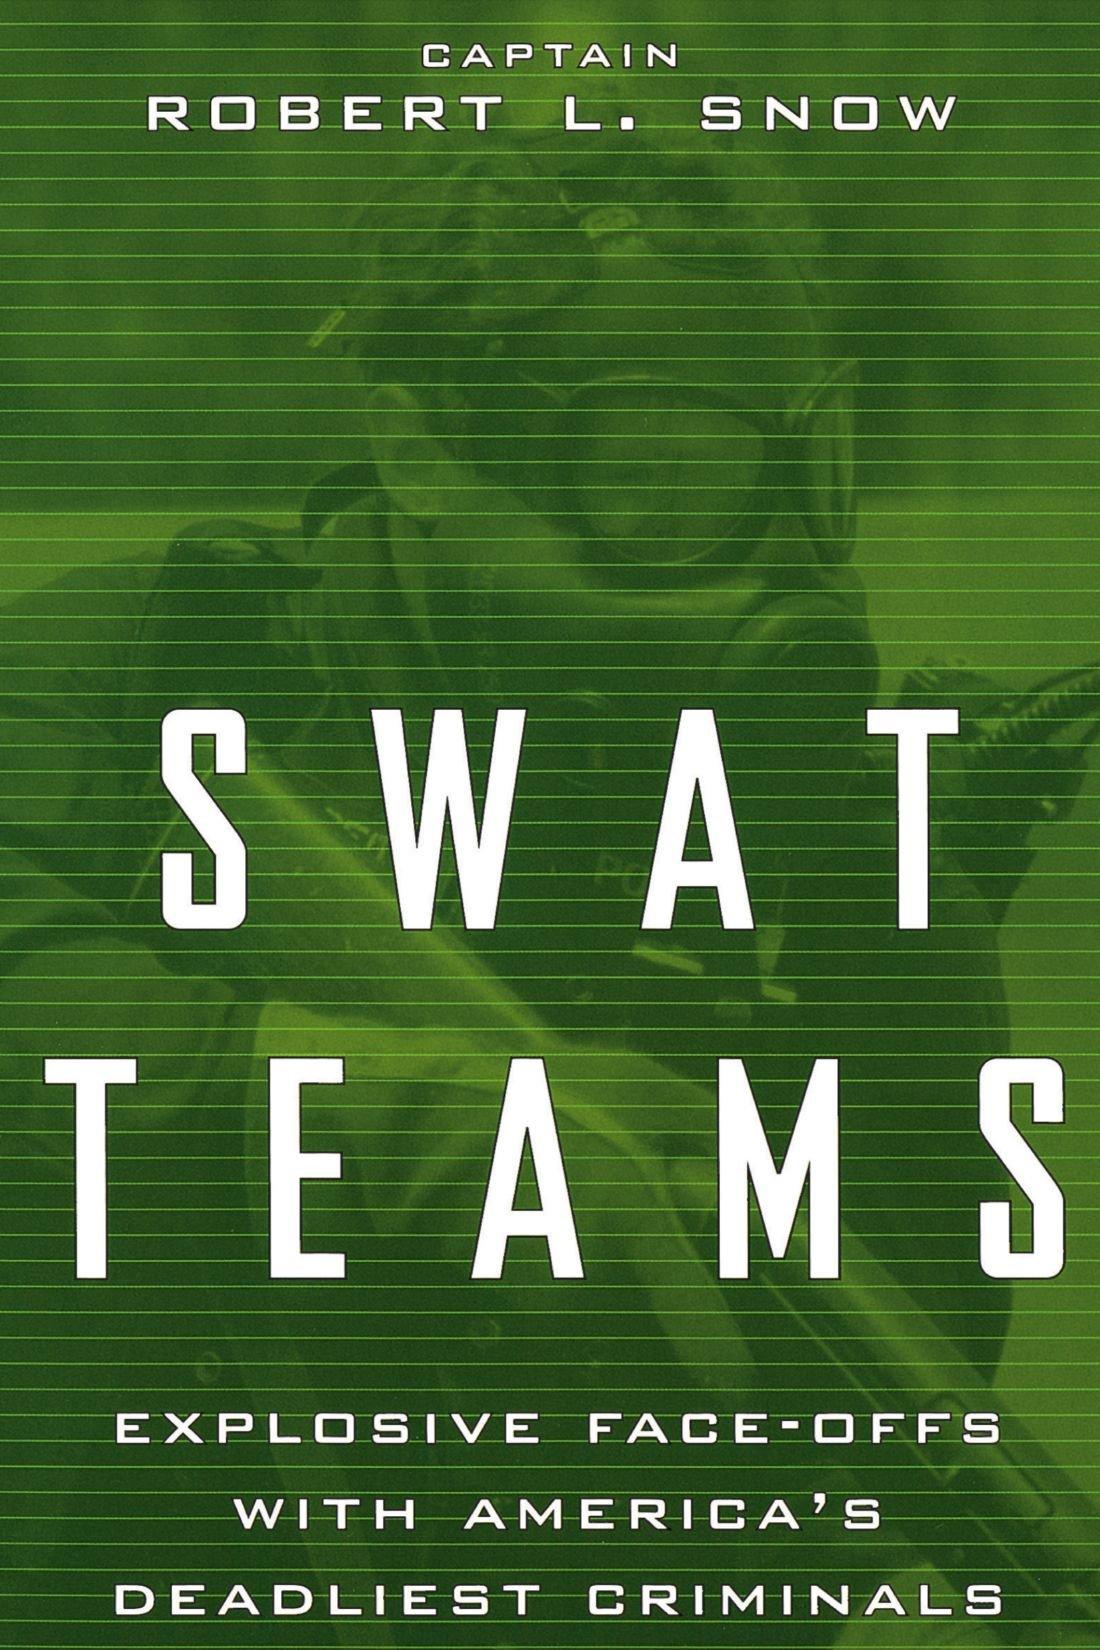 Swat Team uk Swat Teams Explosive